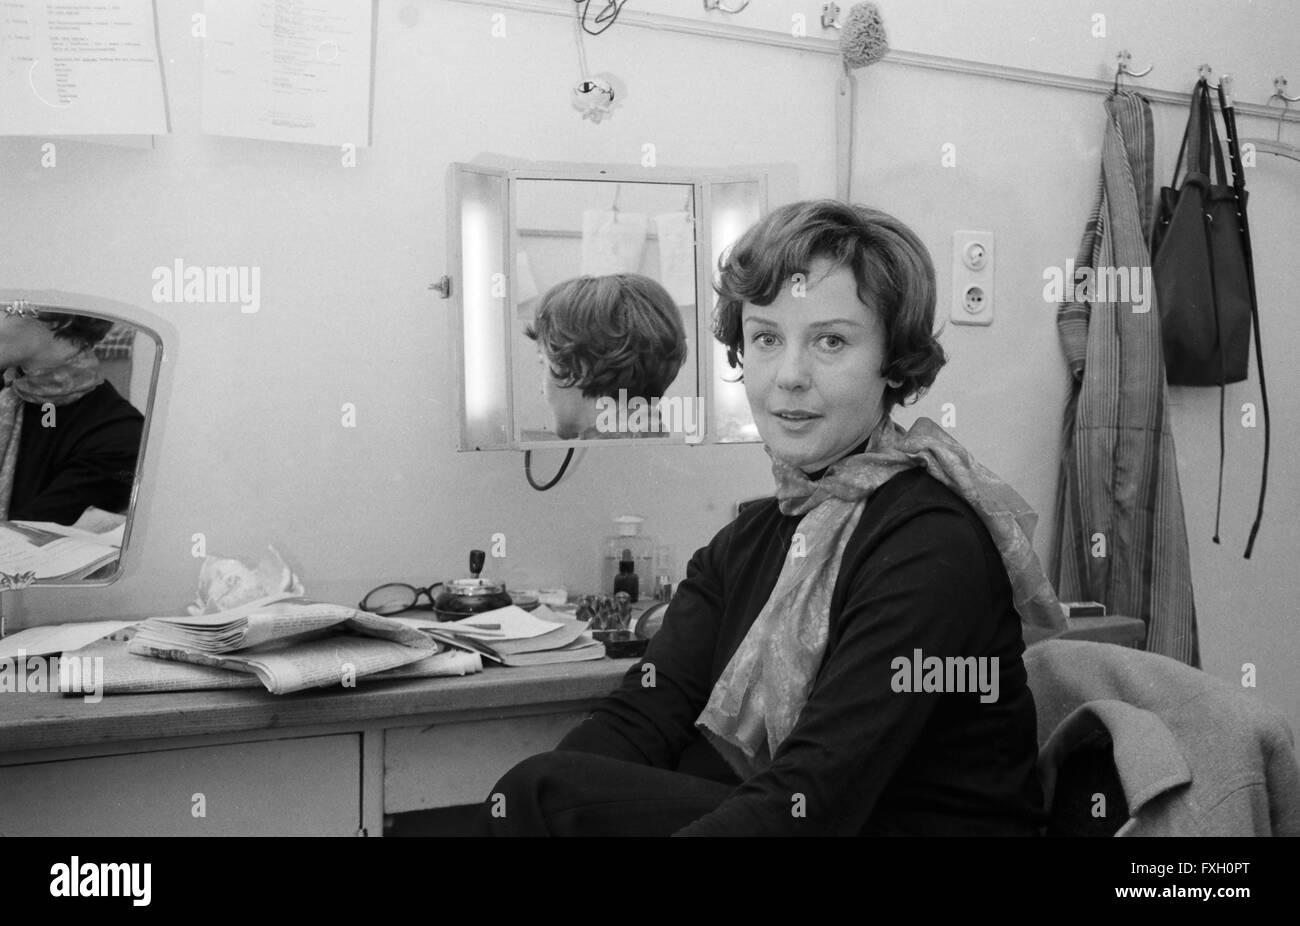 Deutsche plant Doris Schade, Deutschland 1970er Jahre. Die deutsche Schauspielerin Doris Schade, Deutschland 1970. Stockfoto